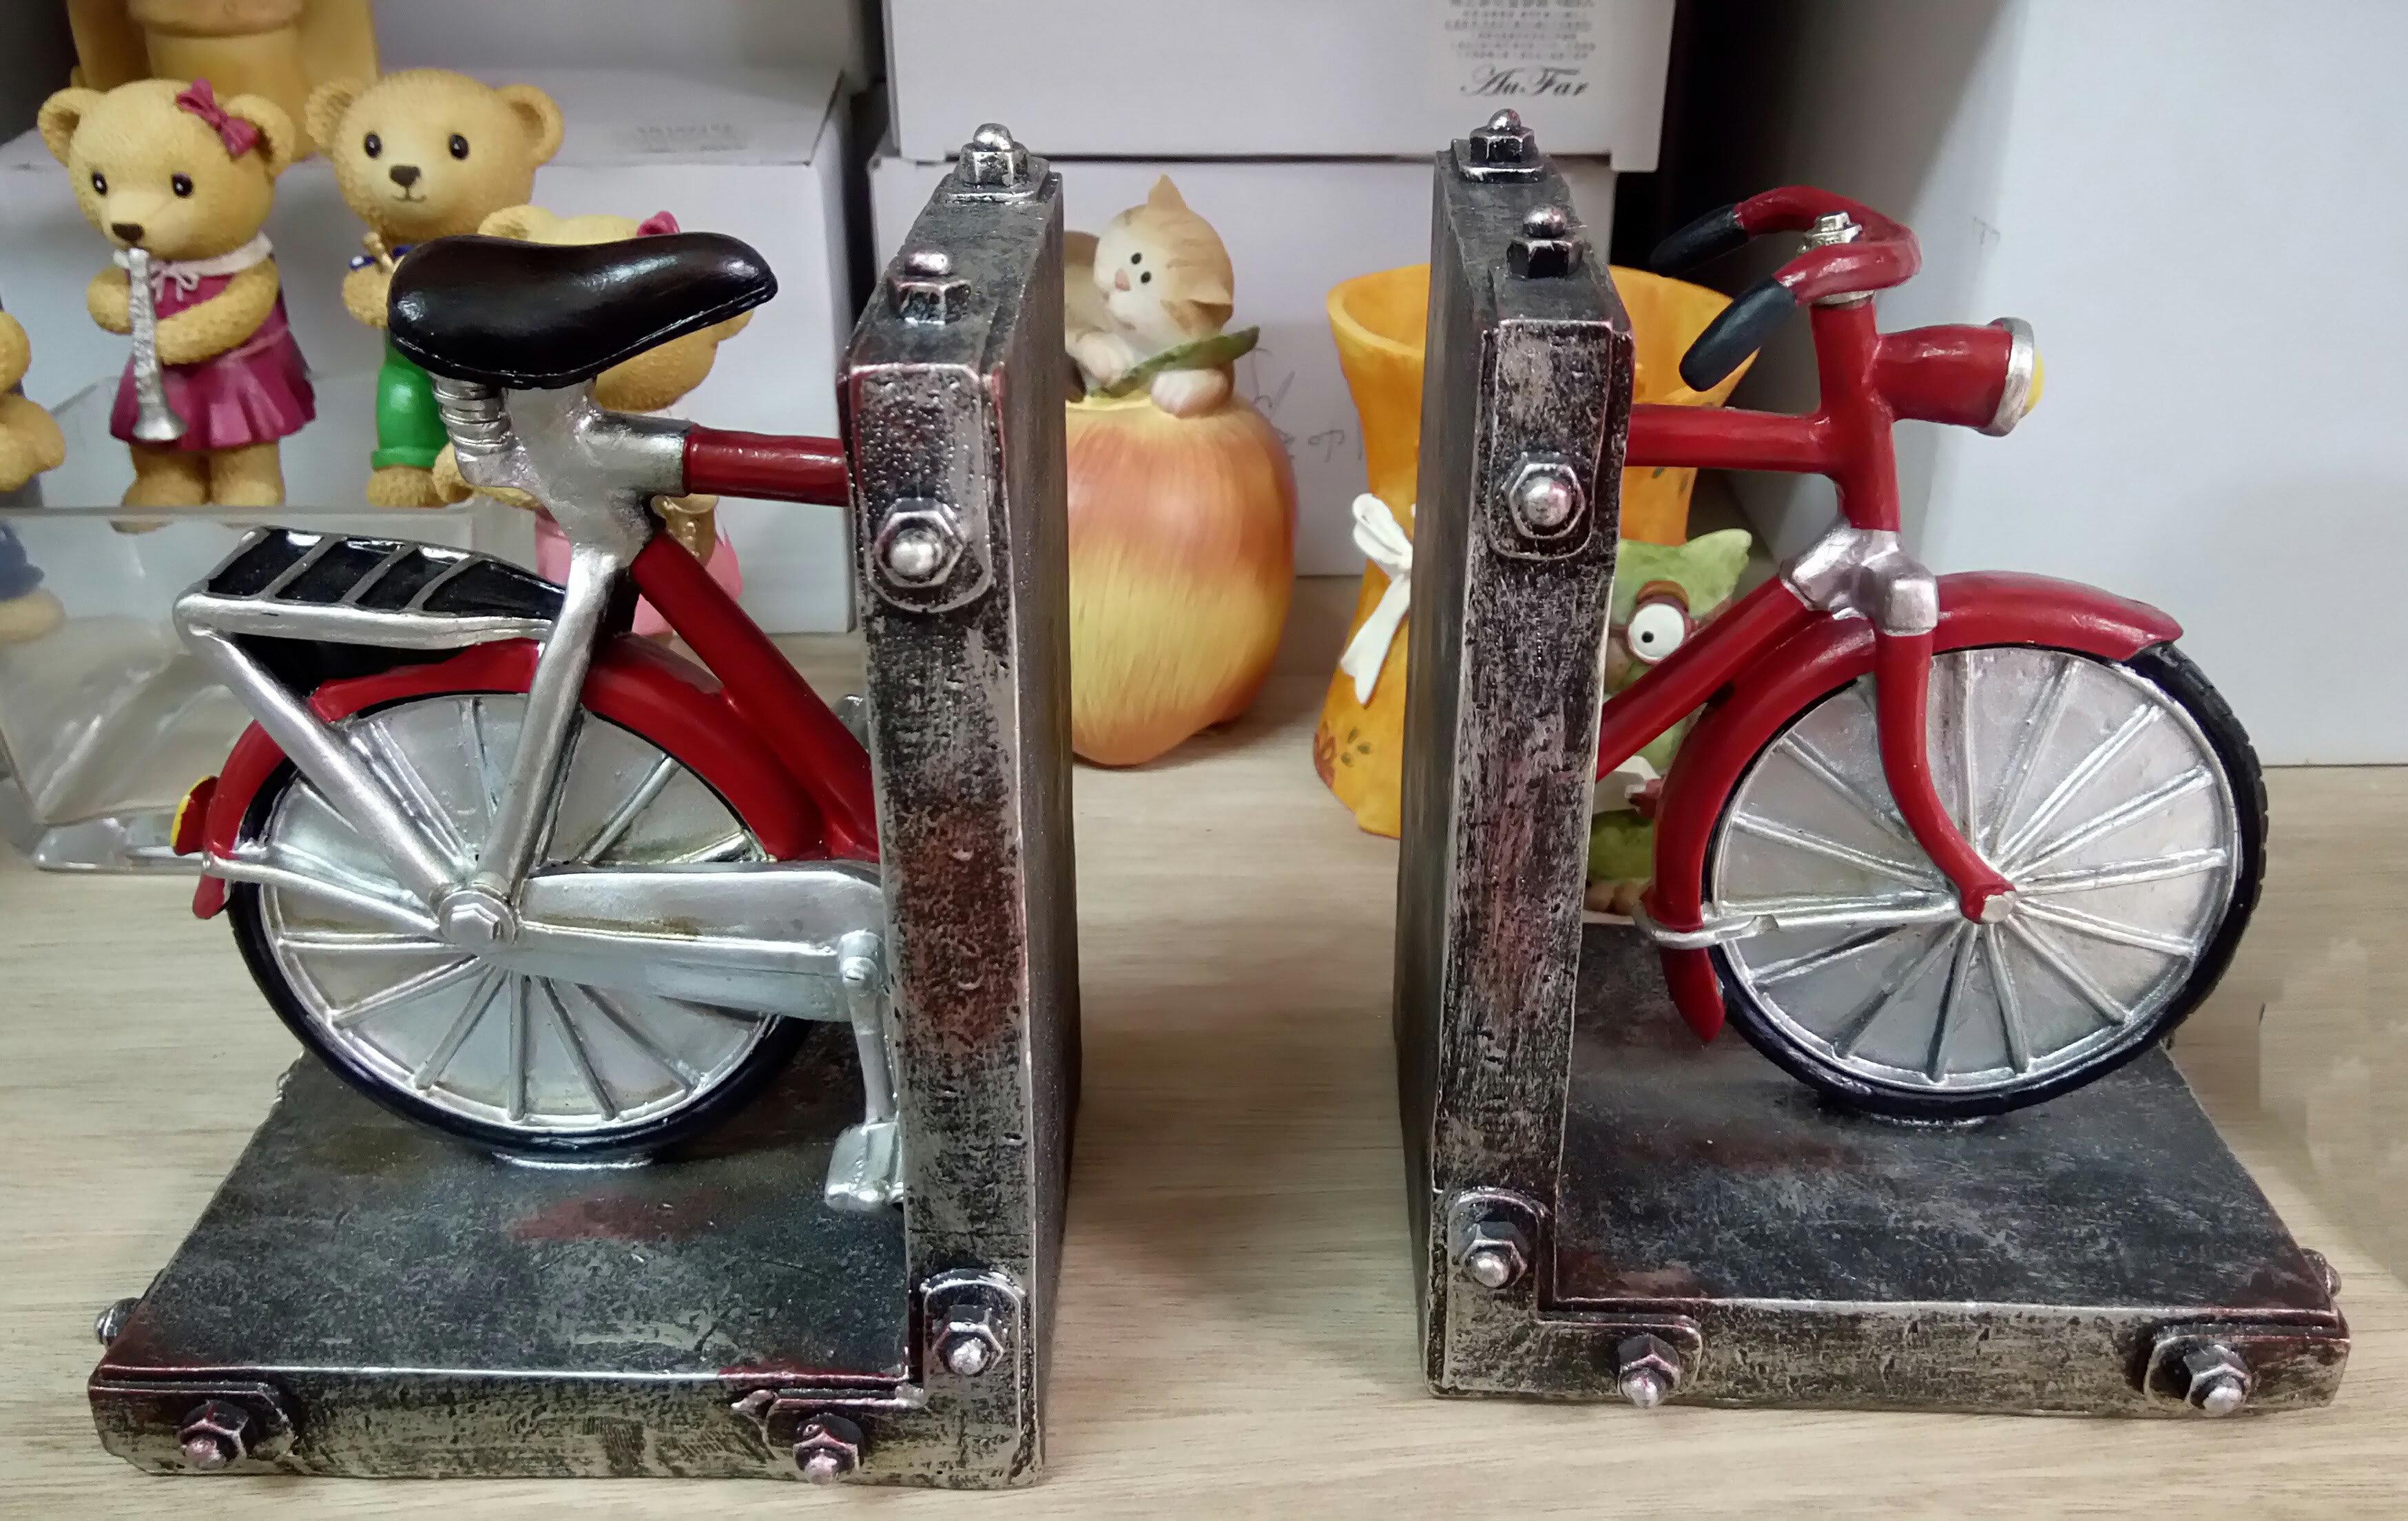 復古風 實心 紅色腳踏車書擋  療癒系 鄉村風 田園風  可當擺飾 書架 CD架 DVD架